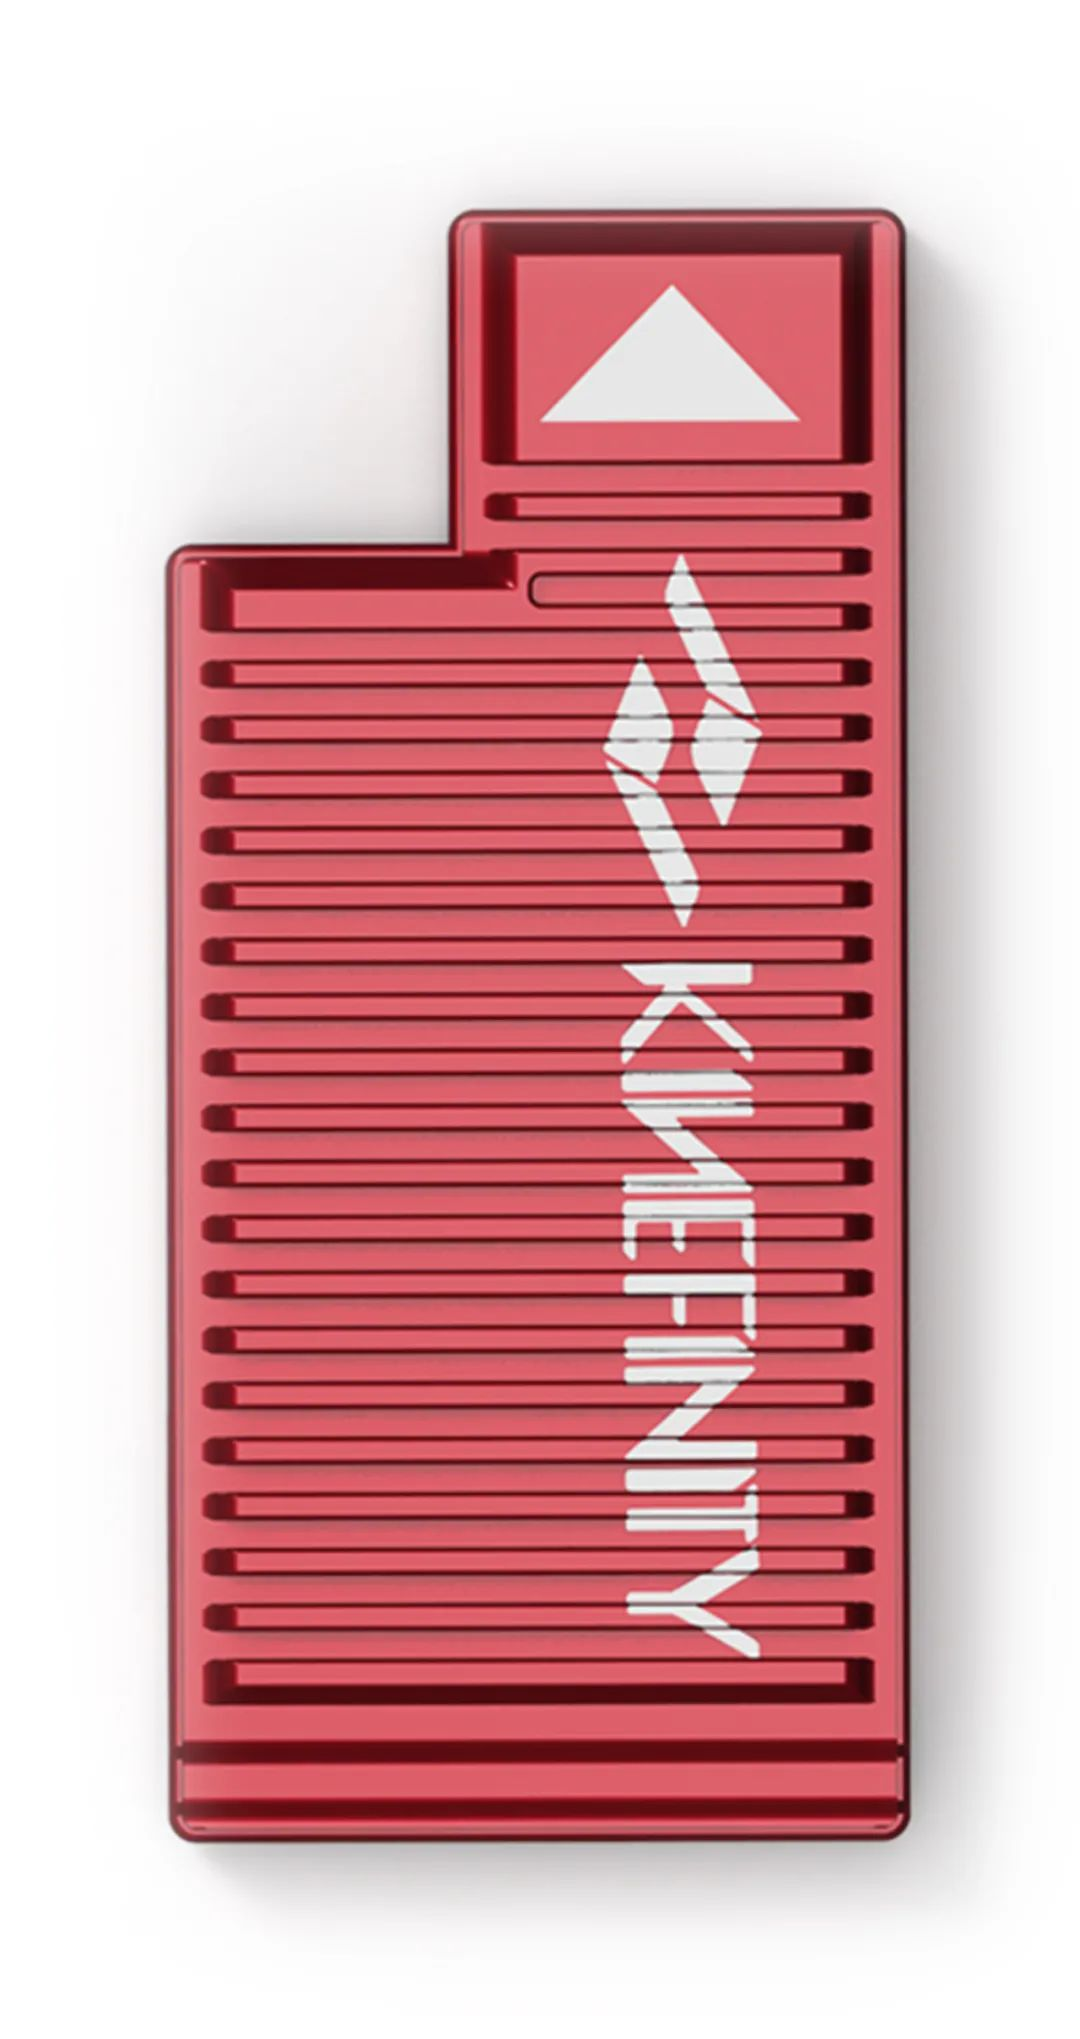 面向未来的8K摄影机系统,全新 KineMAG 存储卡,全解析 8K摄影机 第6张